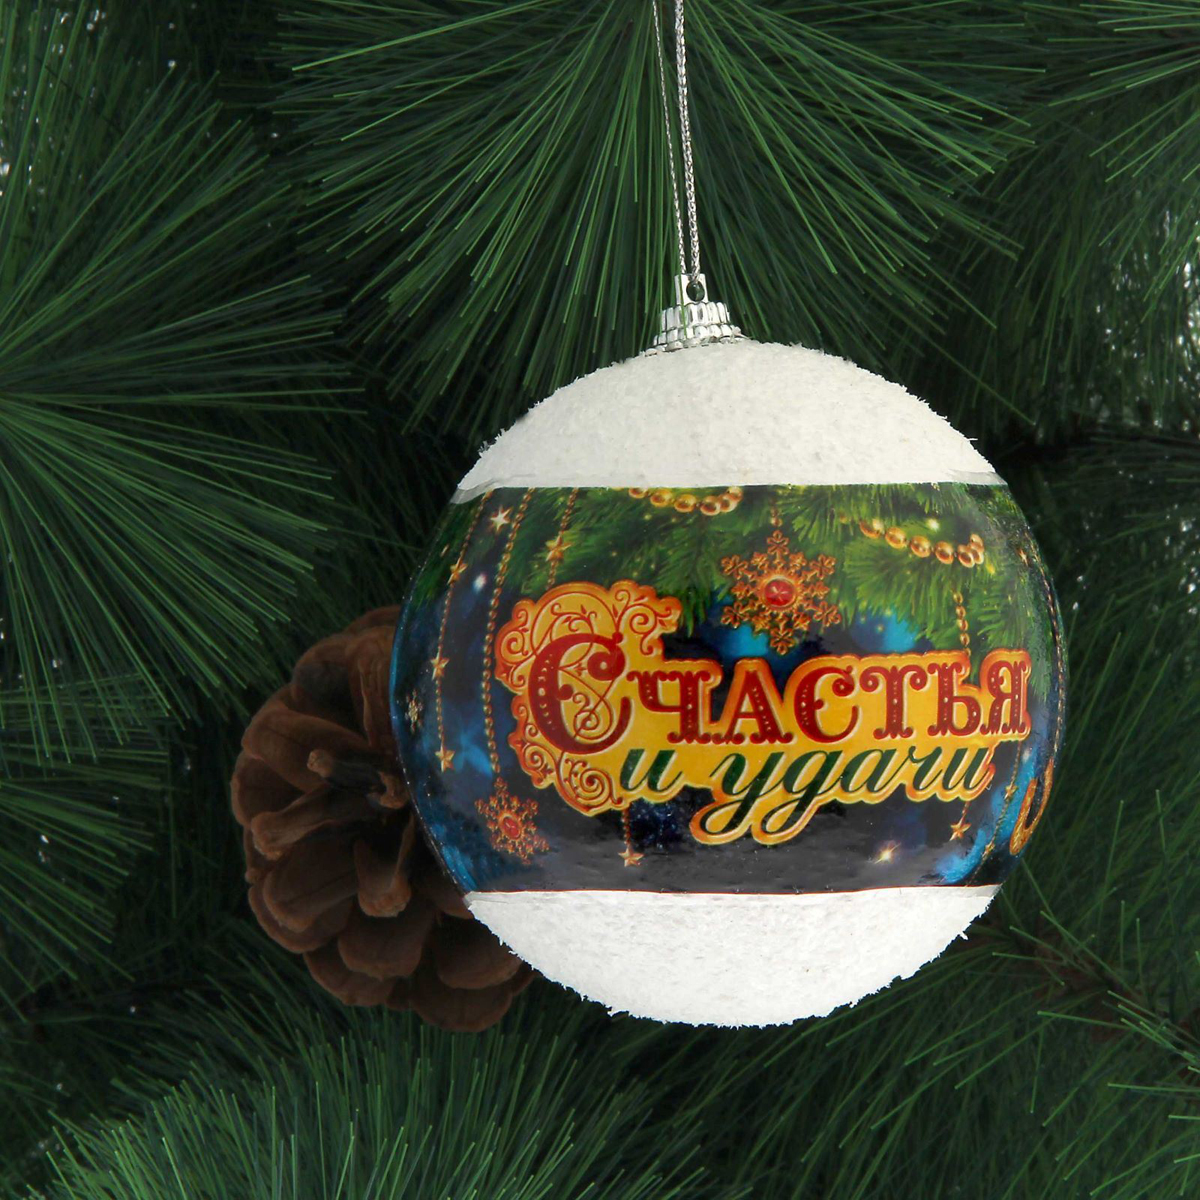 Новогоднее подвесное украшение Sima-land Счастья и удачи, диаметр 8 см новогоднее подвесное украшение sima land зимний узор диаметр 8 см